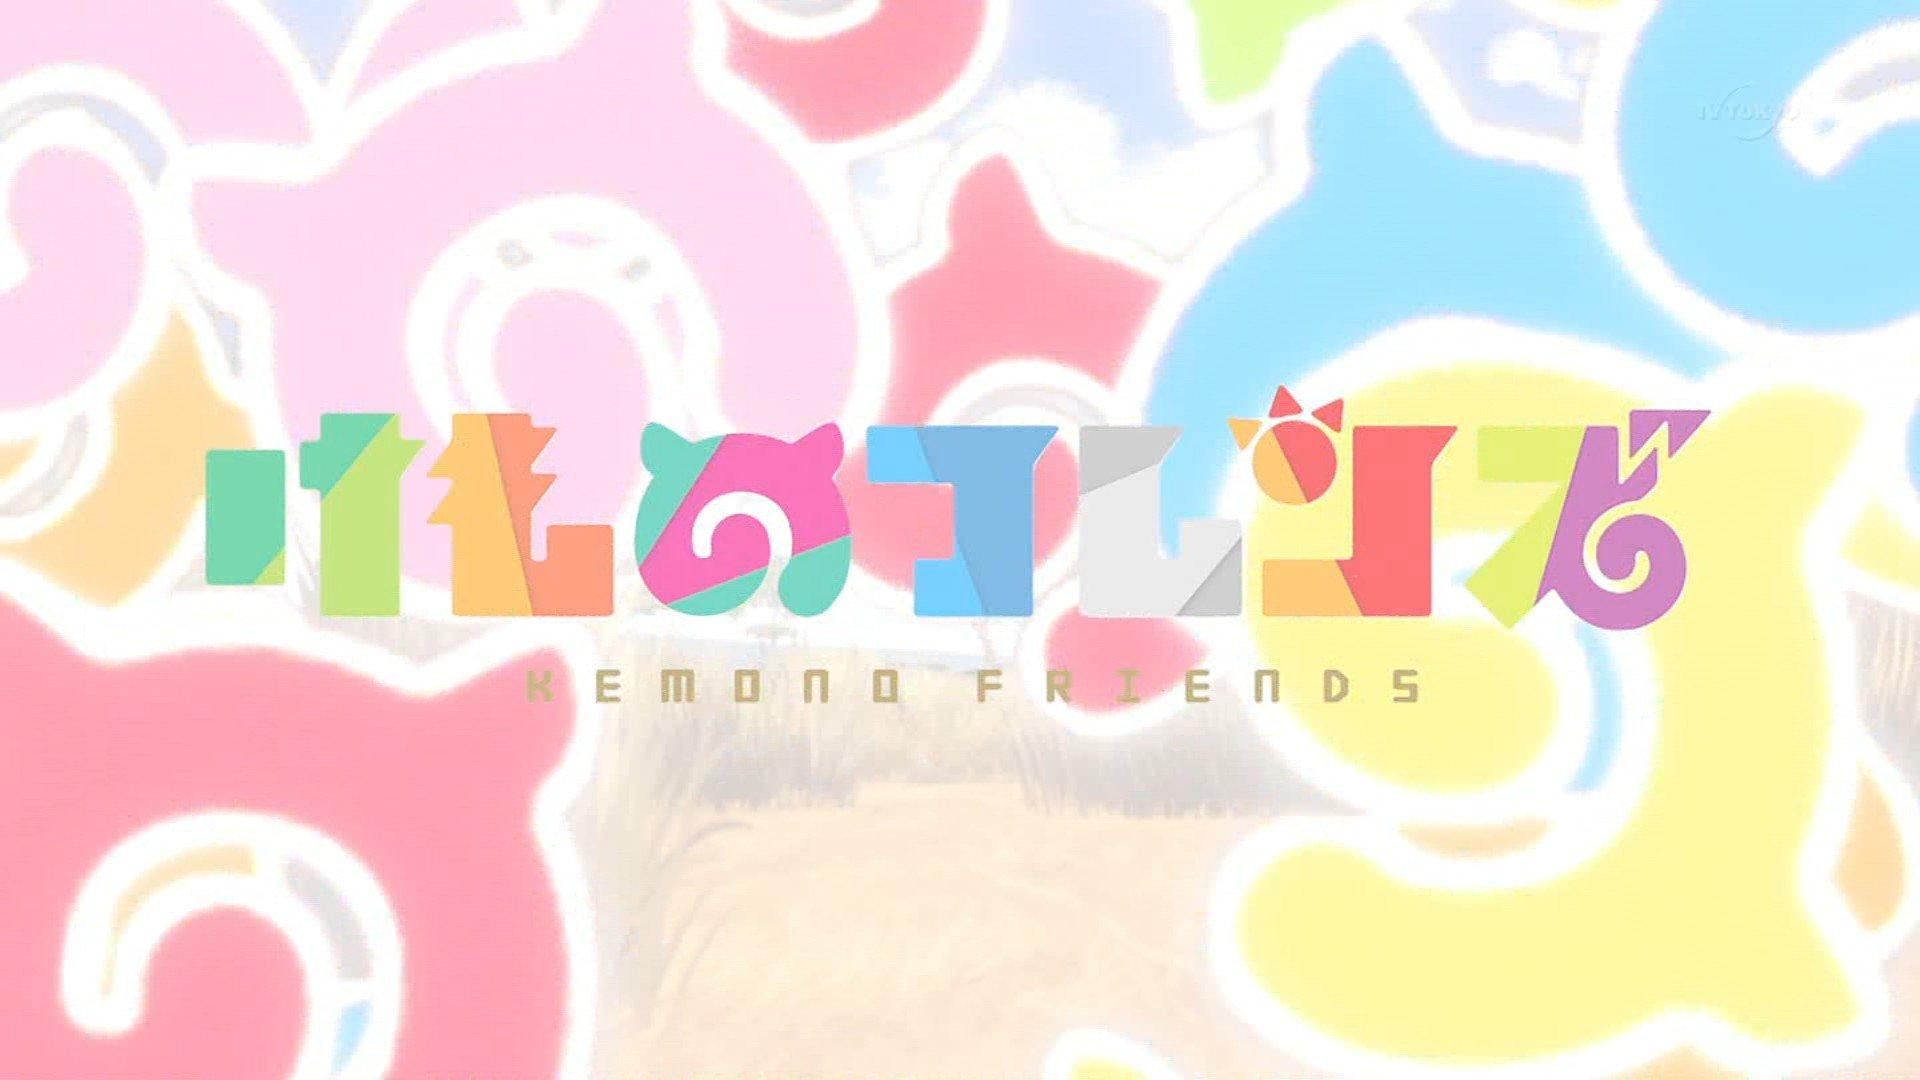 ロゴ #kemono_friends #kemo_anime #けもフレ #tvtokyo https://t.co/NFKZWtulMP